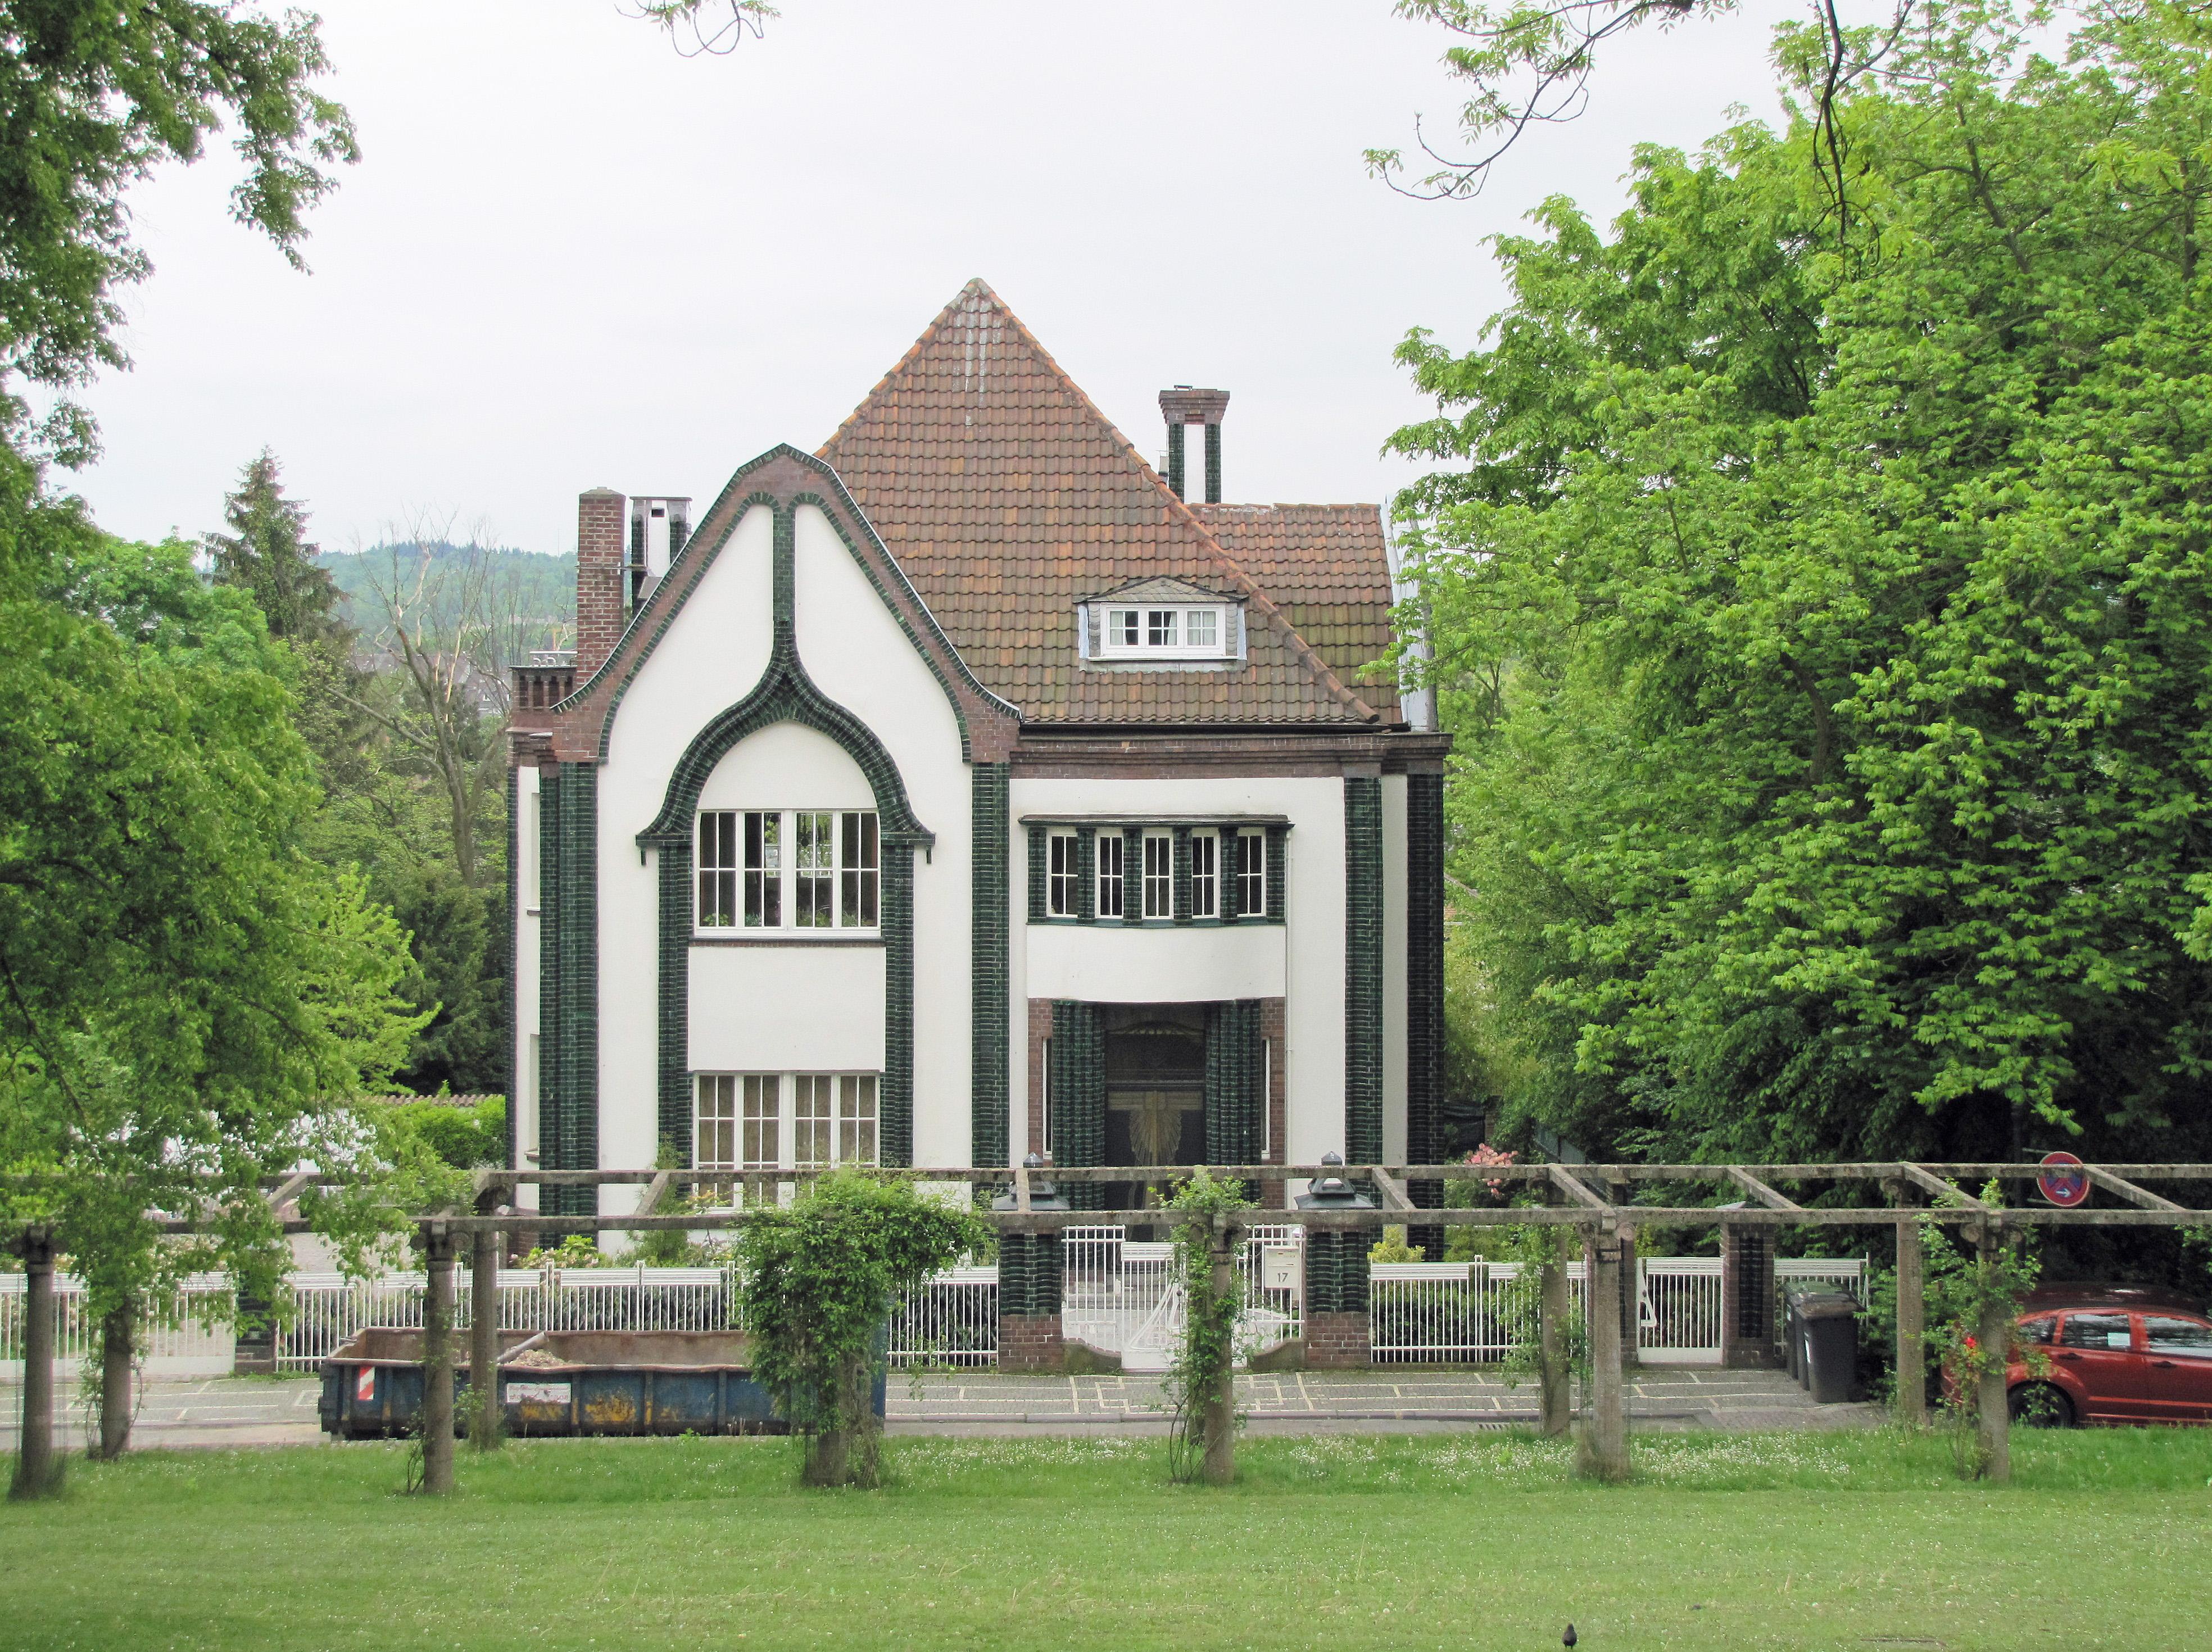 file mathildenhoehe behrens haus wikimedia commons